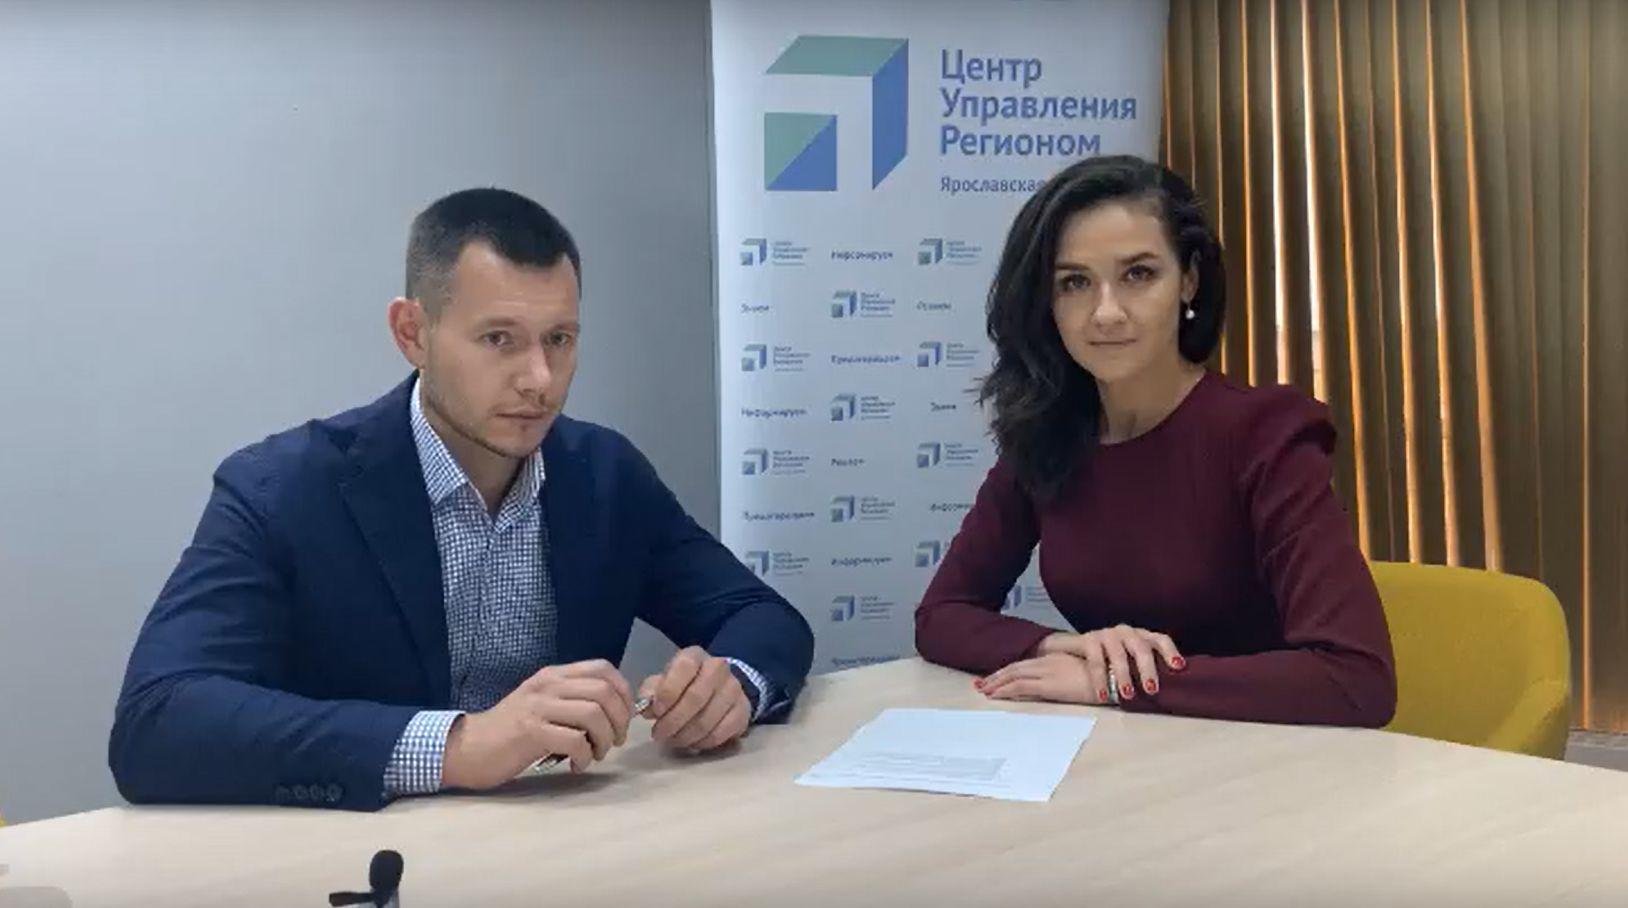 Как подать заявку и кому пожаловаться на качество: ярославцам рассказали о благоустройстве территорий по программе «Решаем вместе!»